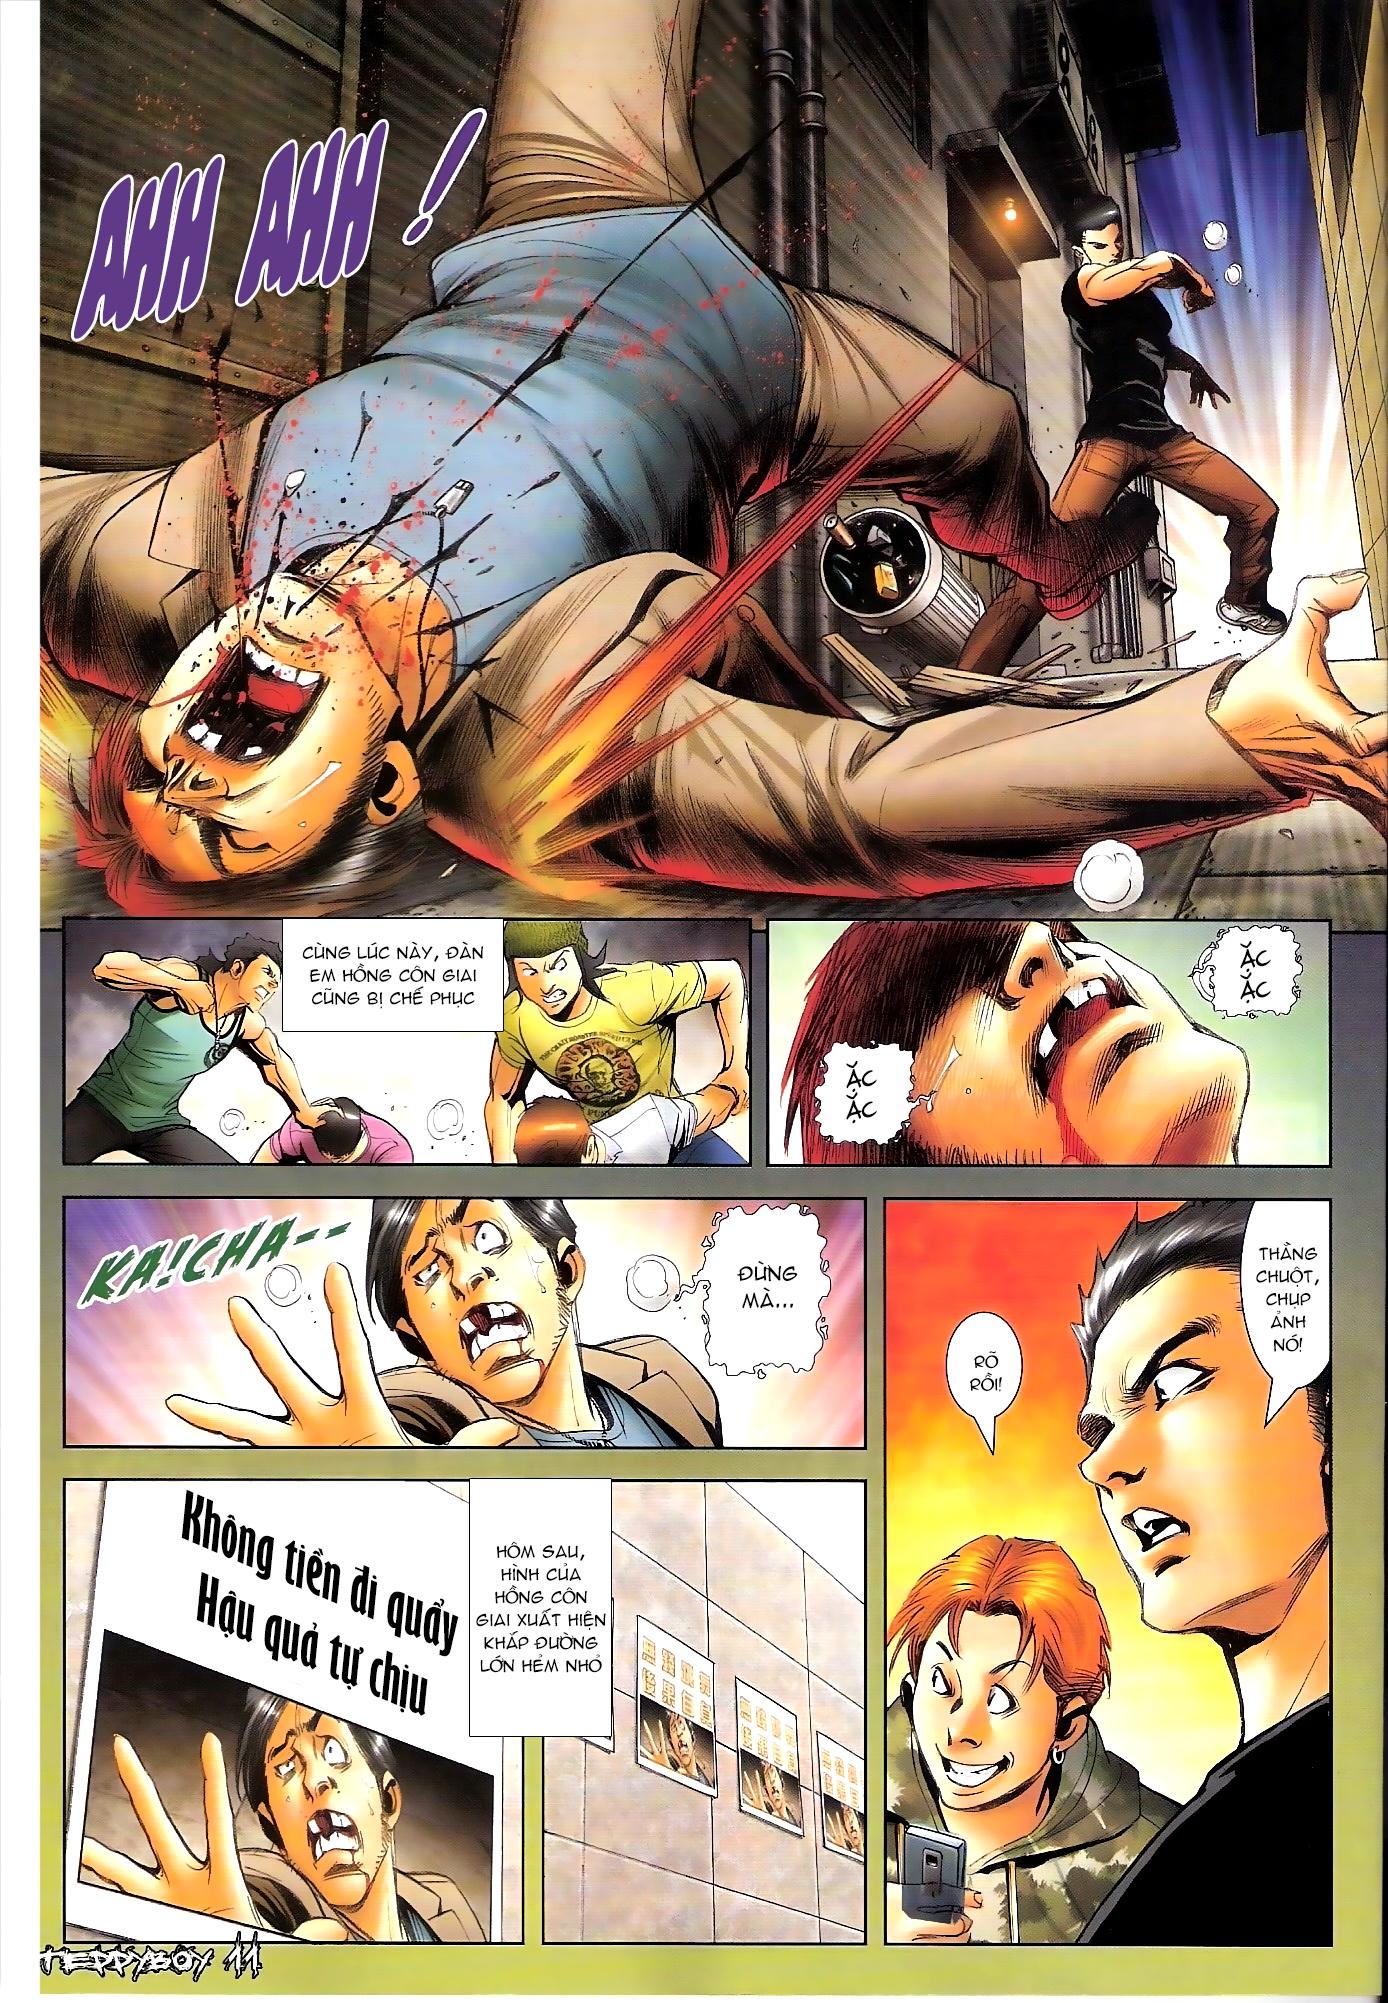 Người Trong Giang Hồ NetTruyen chap 1294 - Trang 10